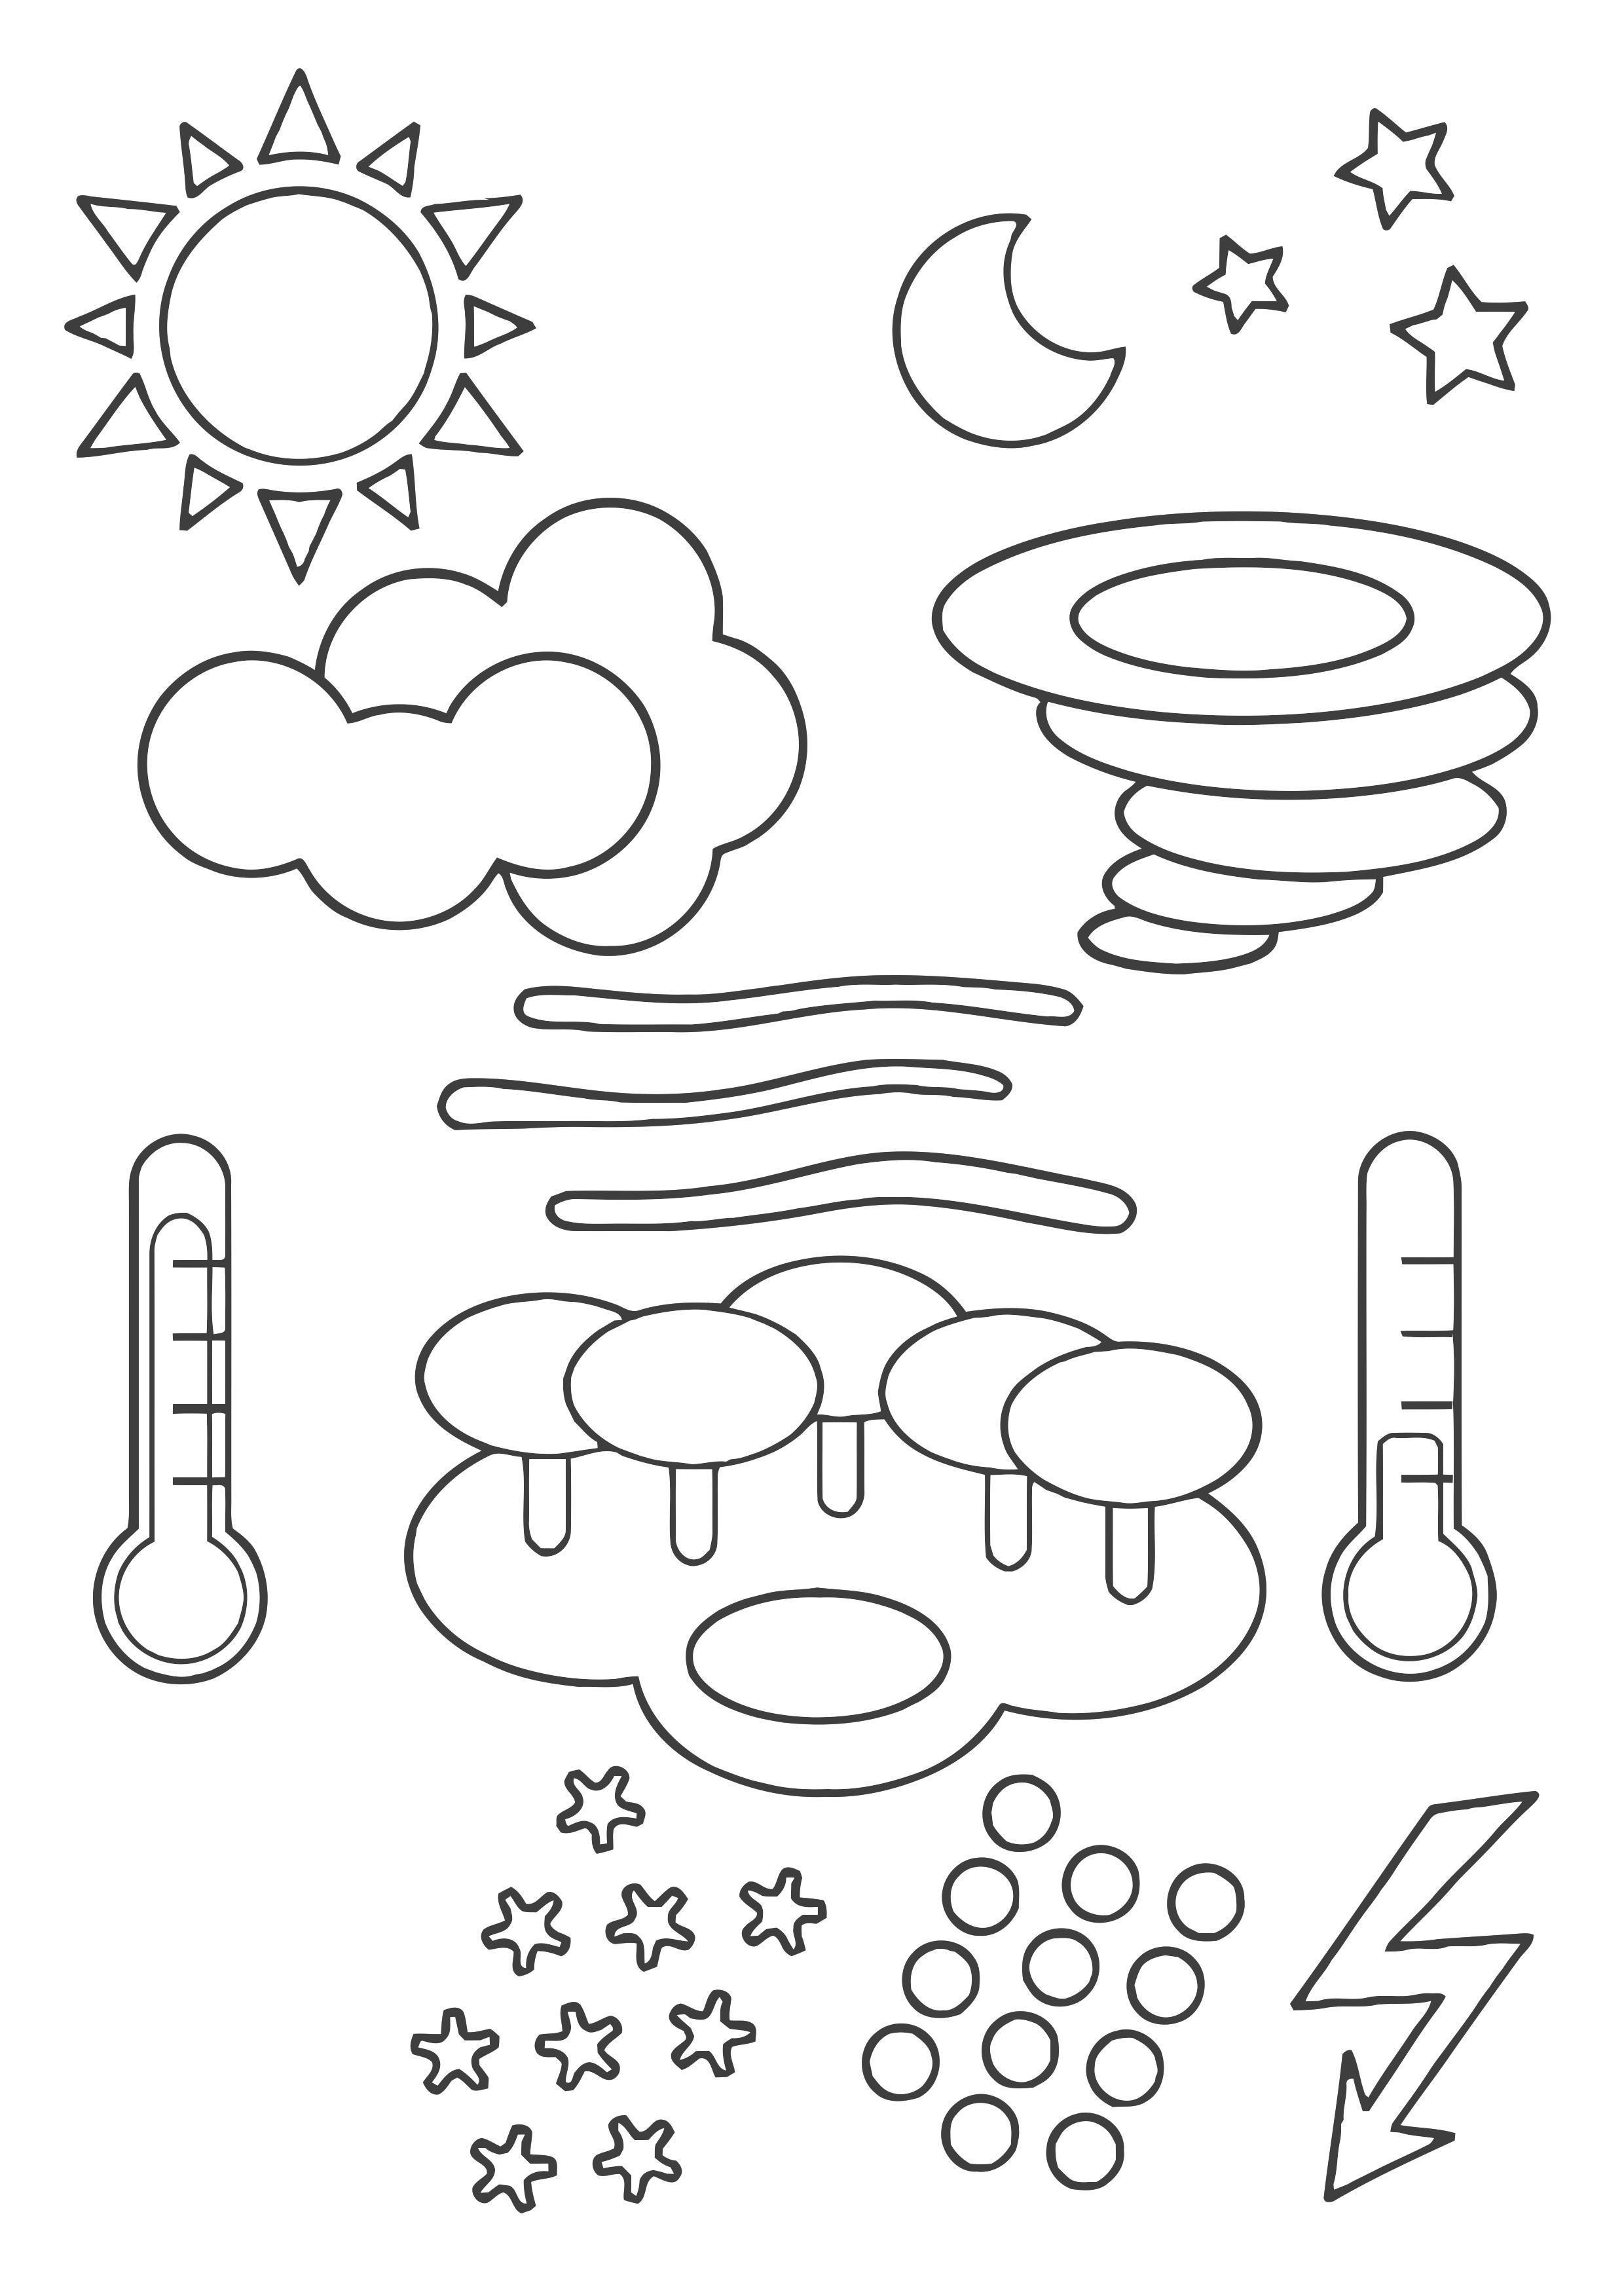 kleurplaat weer symbolen afb 22443